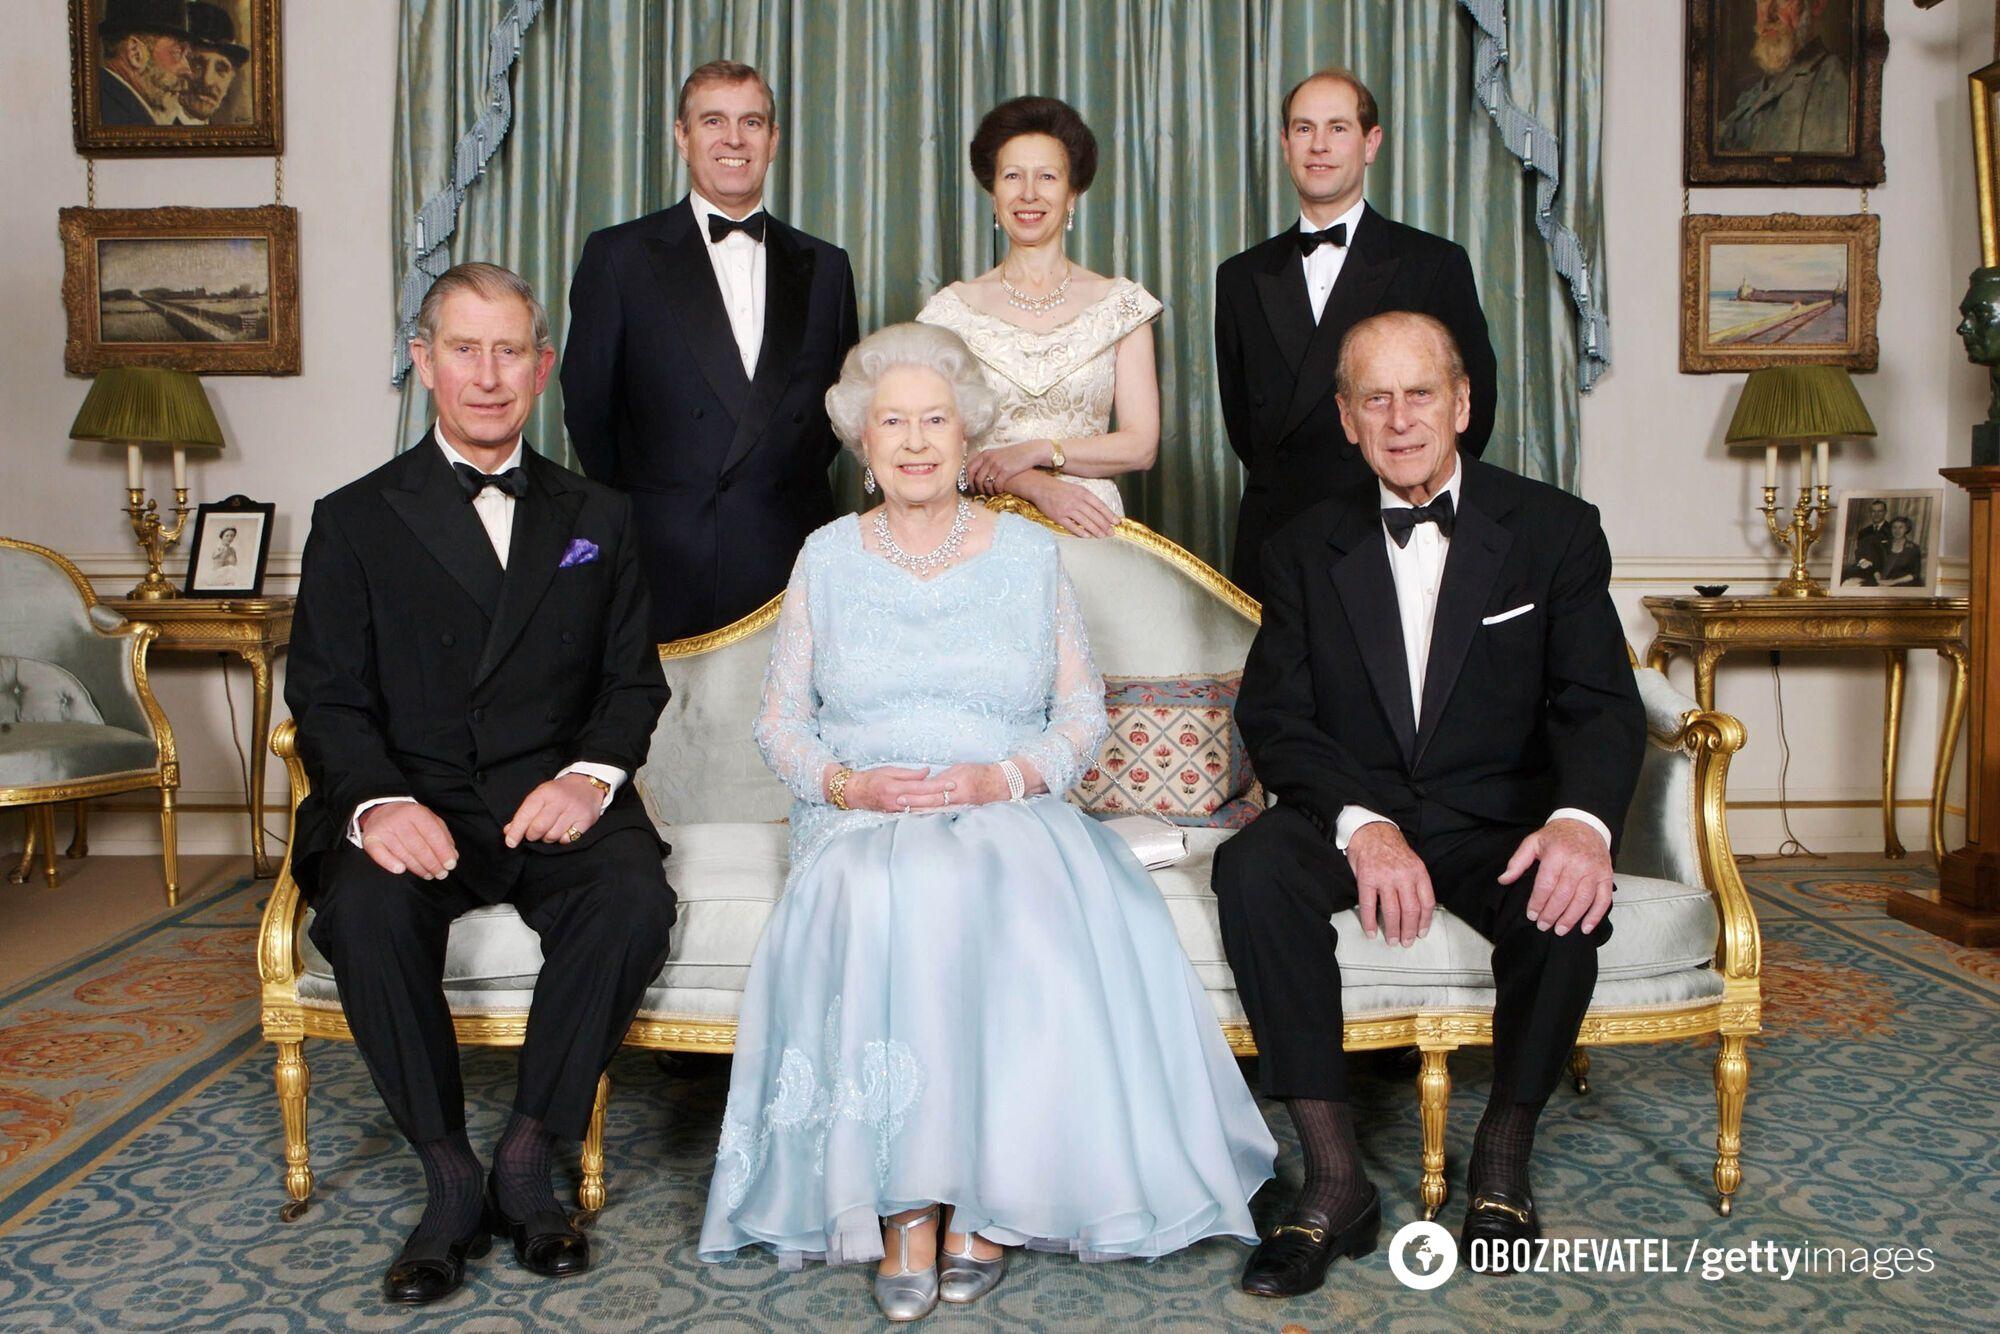 Єлизавета II і принц Філіпп зі своїми дітьми